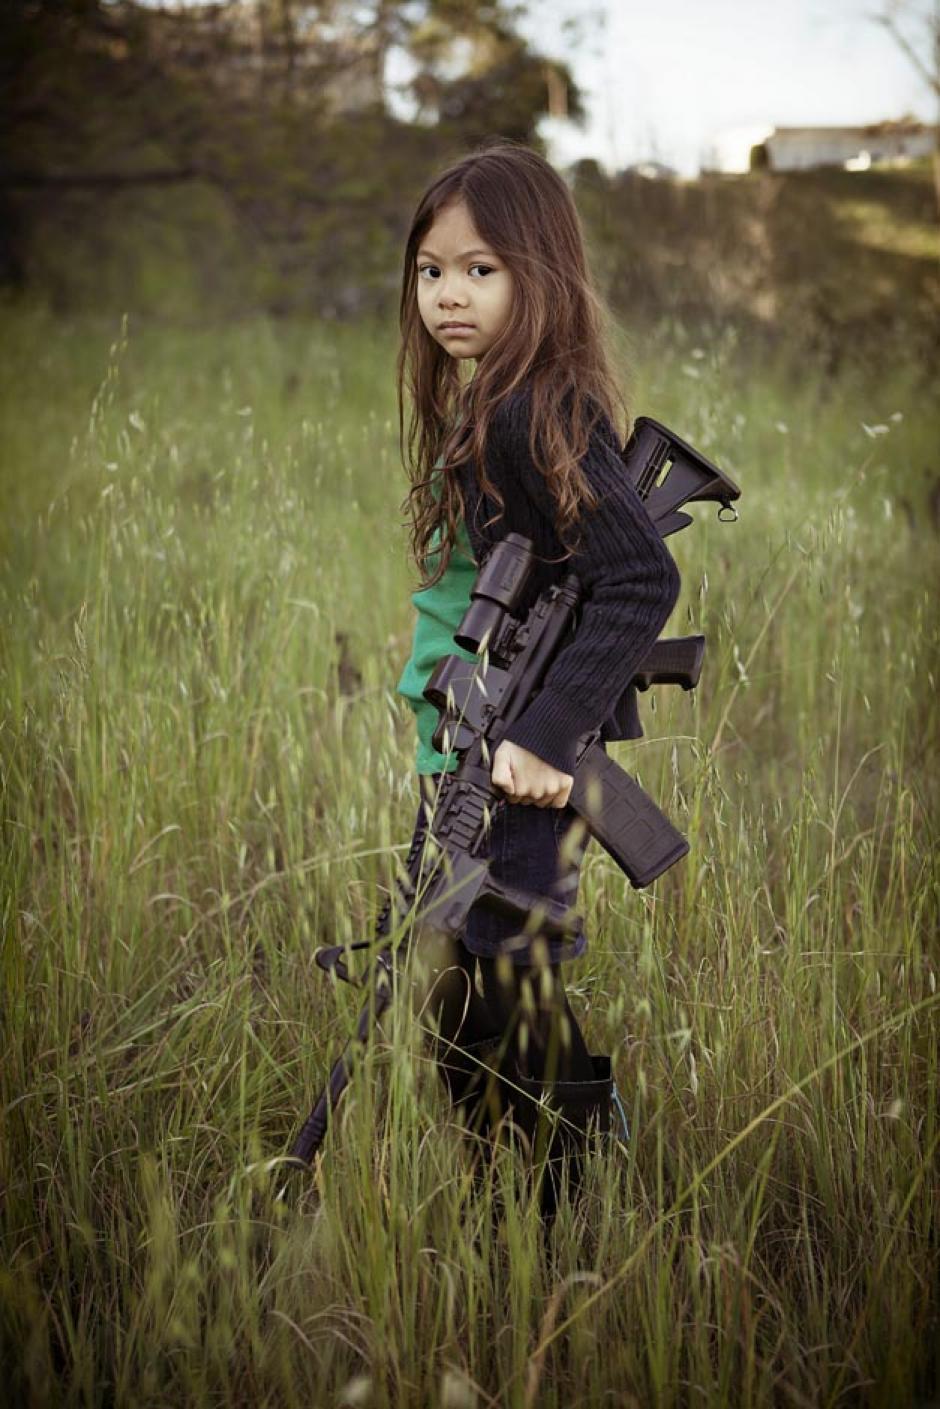 El fotógrafo busca hacer conciencia sobre la venta y el uso de armas de fuego